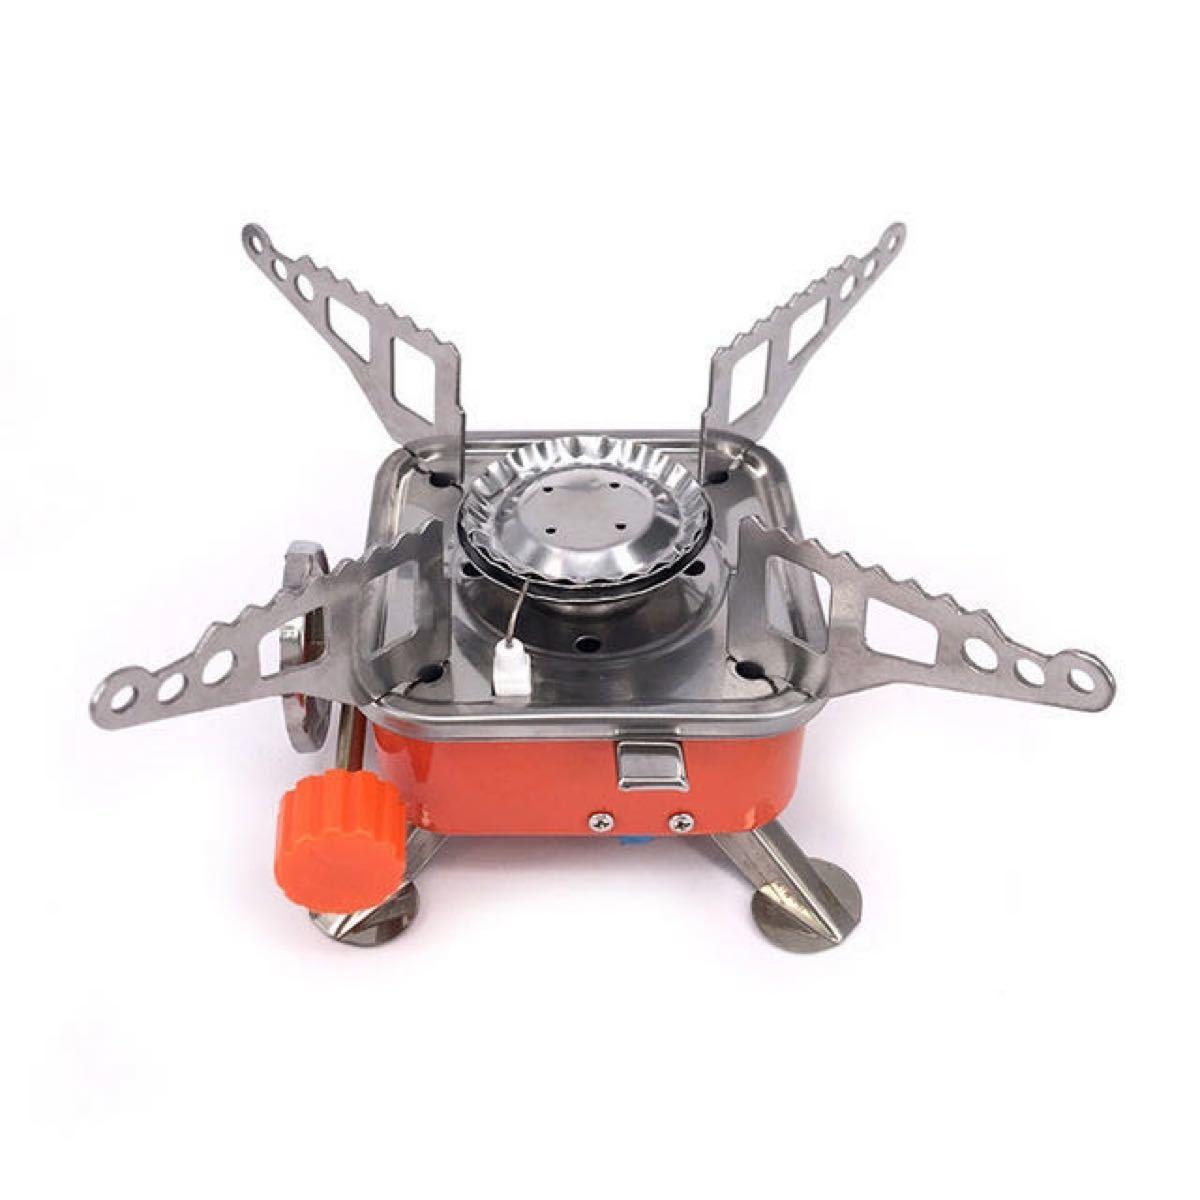 シングルバーナー コンロ コンパクト 軽量 折り畳み バーベキュー卓上ガスコンロ